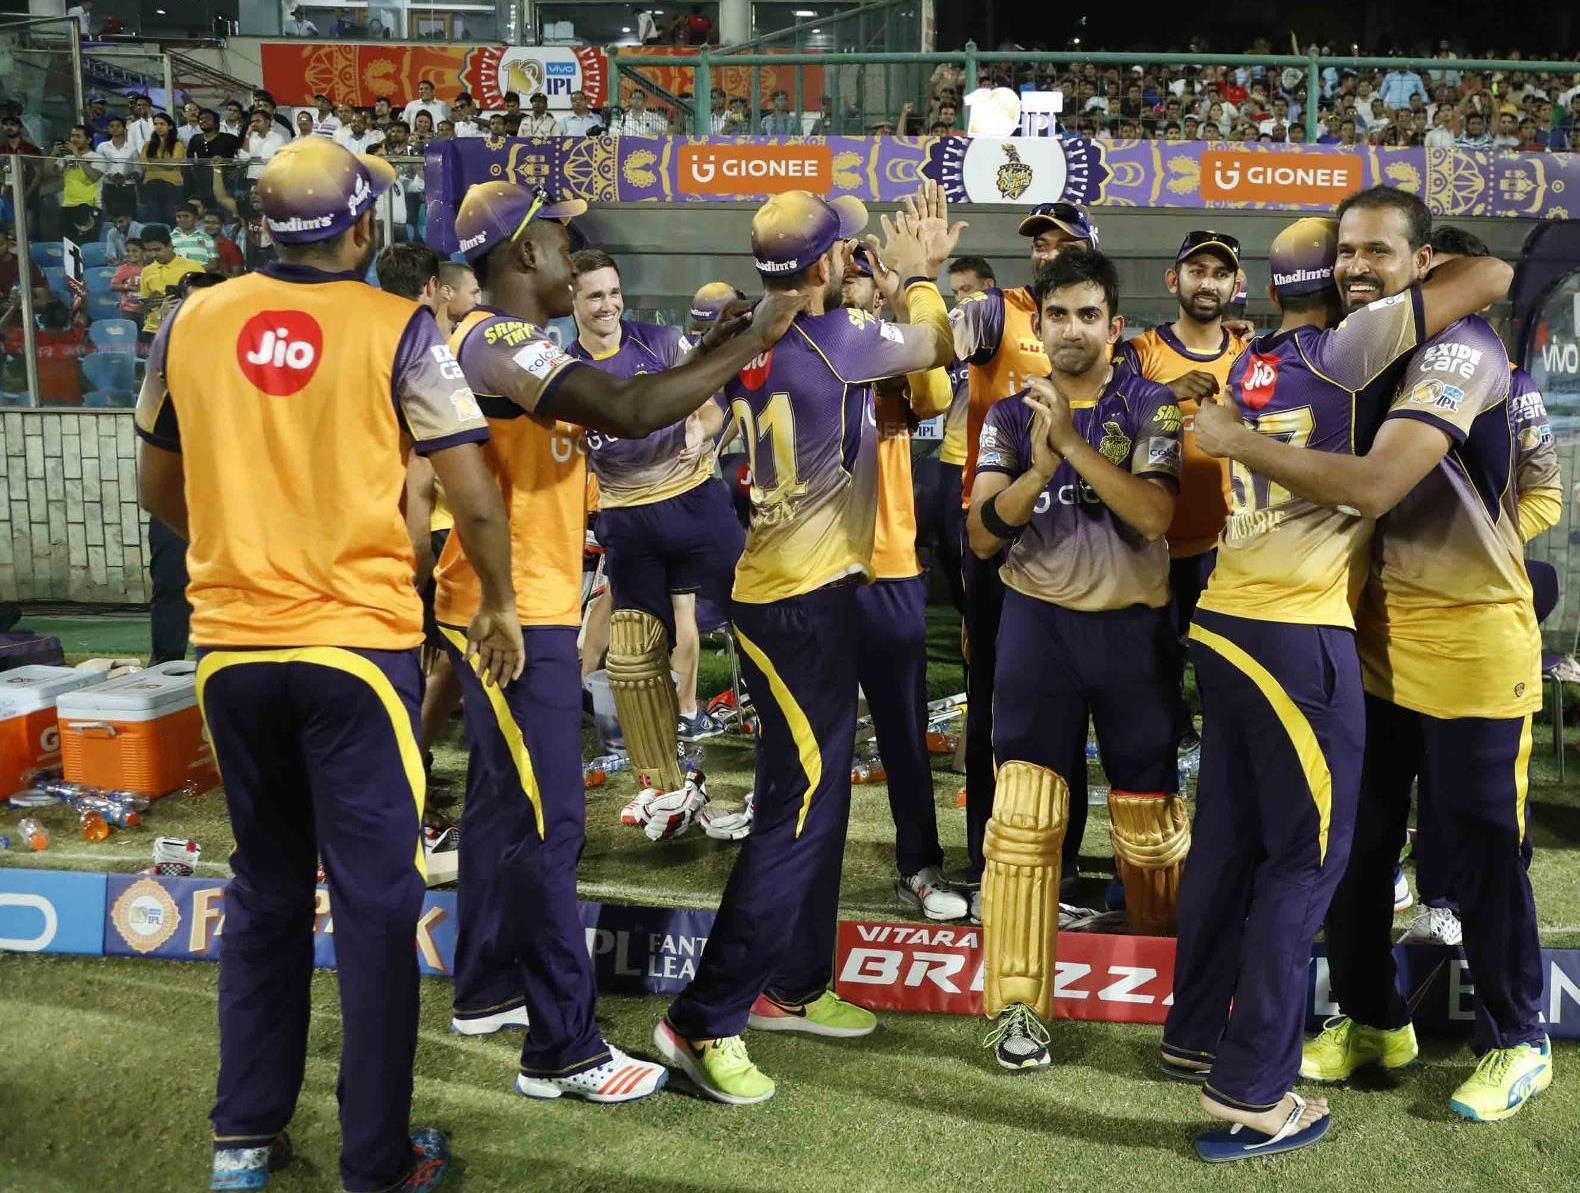 रोमांचक मुकाबले में जीत के बाद केकेआर के कप्तान गौतम गंभीर ने दिल्ली की टीम के इस फैसले की जमकर आलोचना की